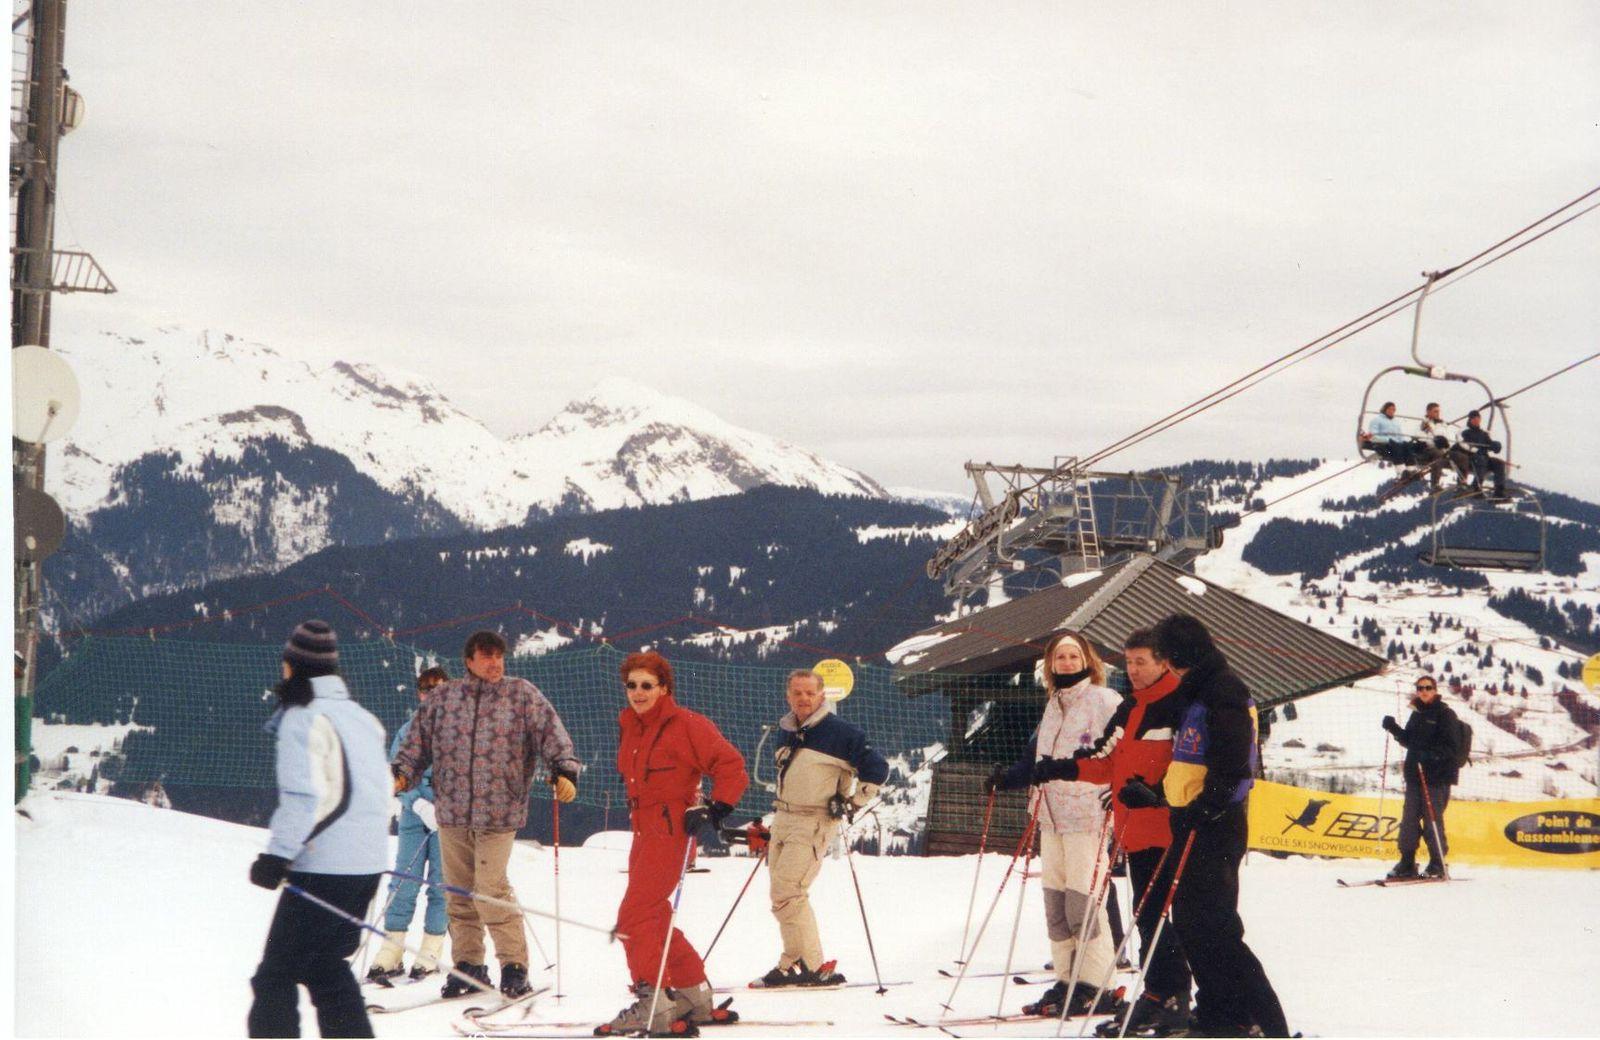 Album - Chantereine, le comité d'établissement de la Glacerie de Chantereine, ses vacances (6),les Deux Alpes, Saint-Bon, Courchevel